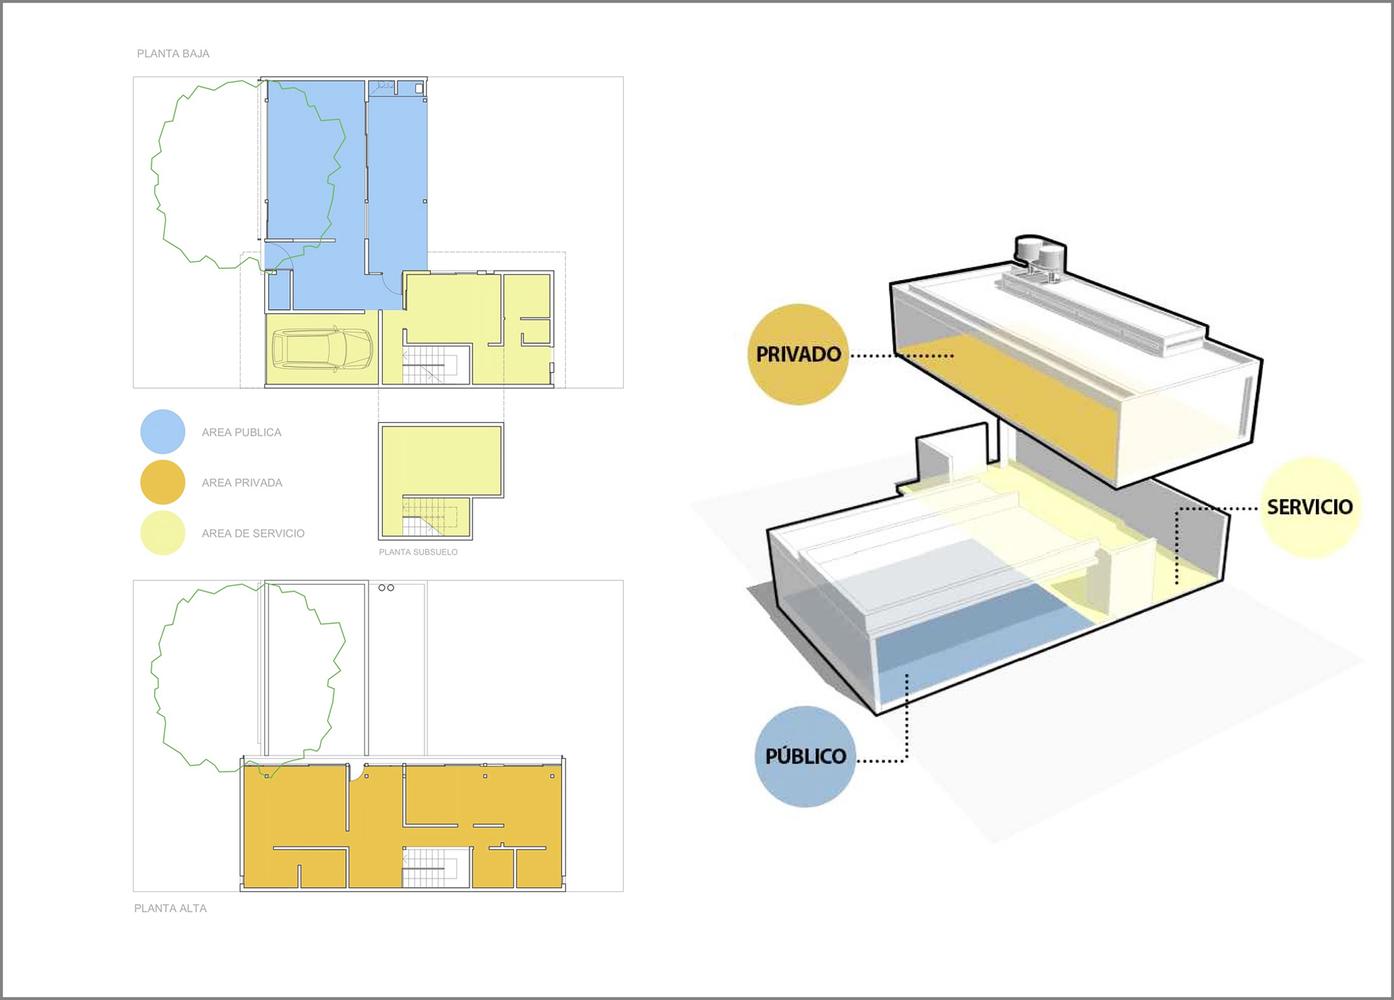 Esquemas funcionales: estrategias de organización programática en casas de Argentina,CASA MC2 / Gastón Castellano. Image